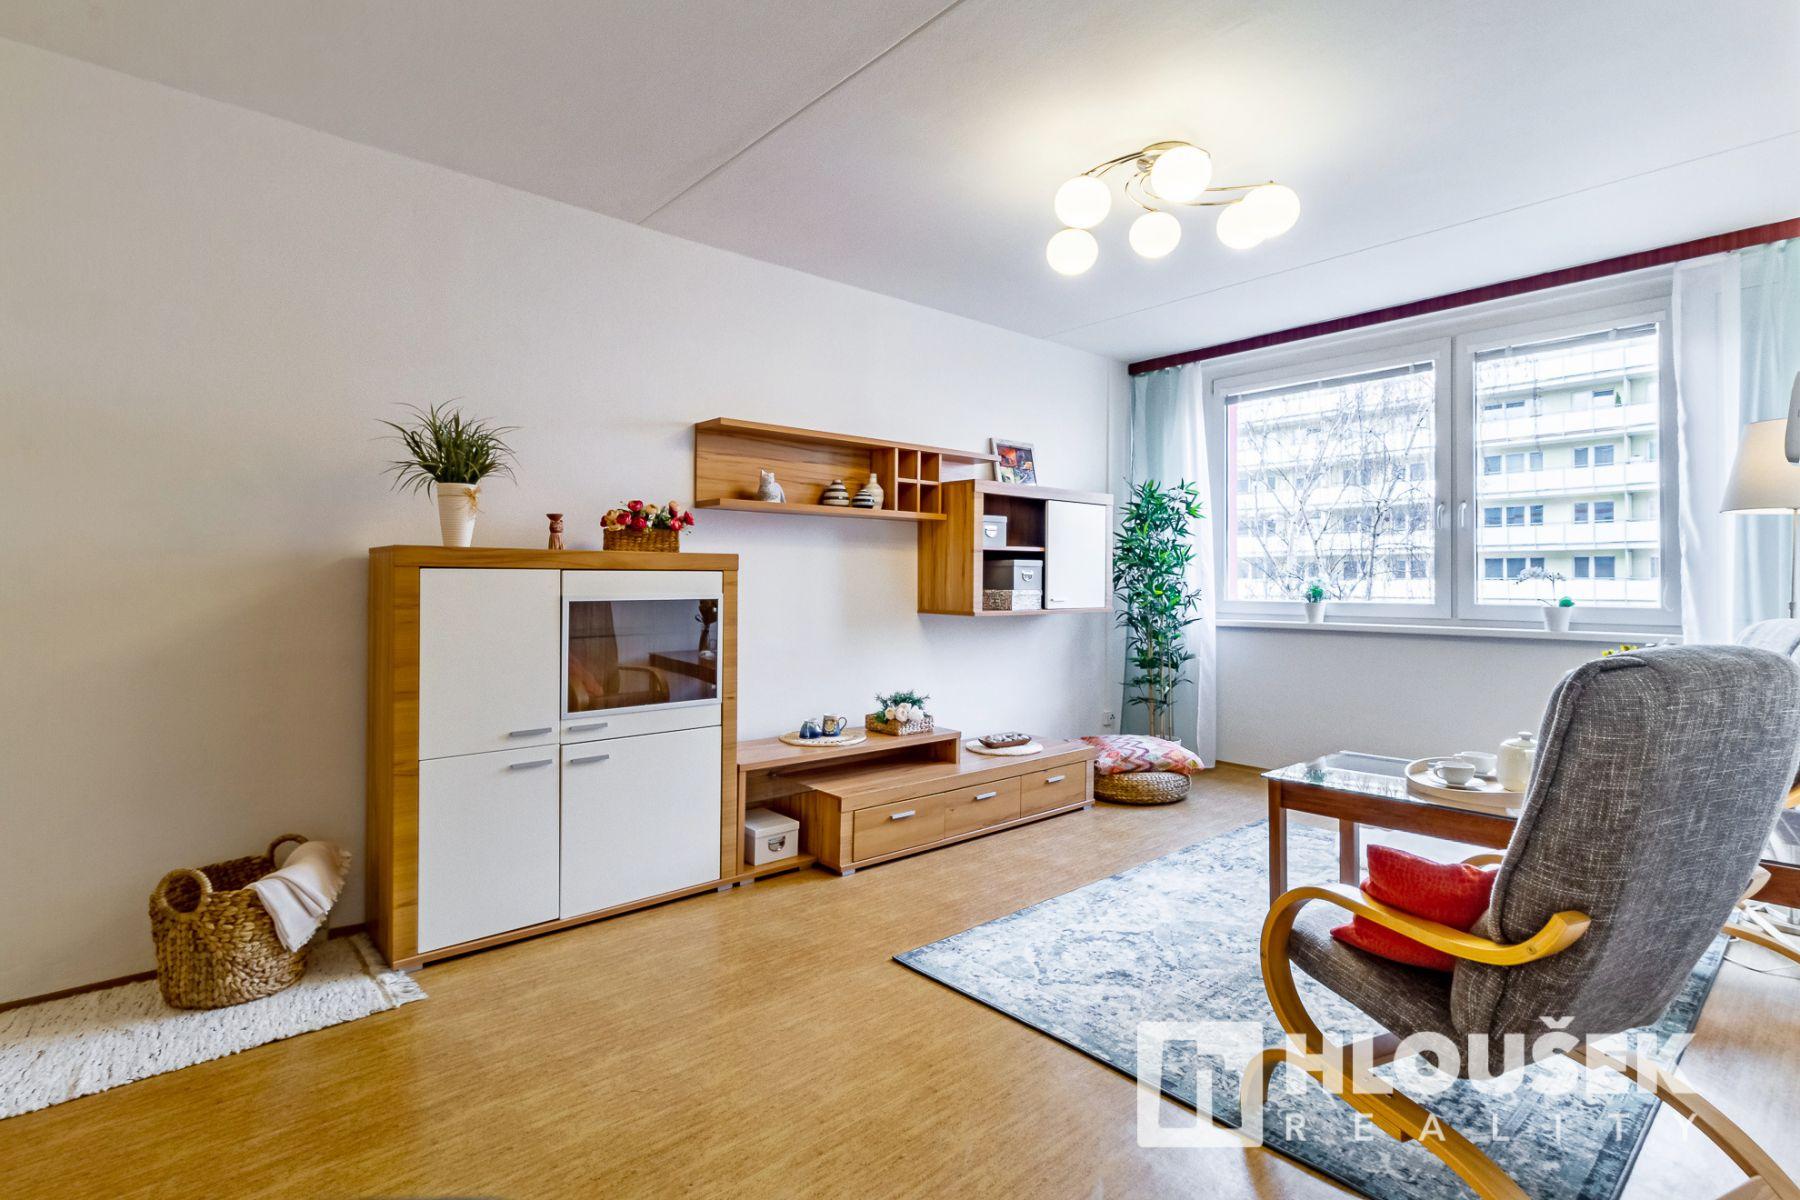 PRODÁNO Prodej bytu OV 3+kk/L, Praha 10 - Veronské náměstí